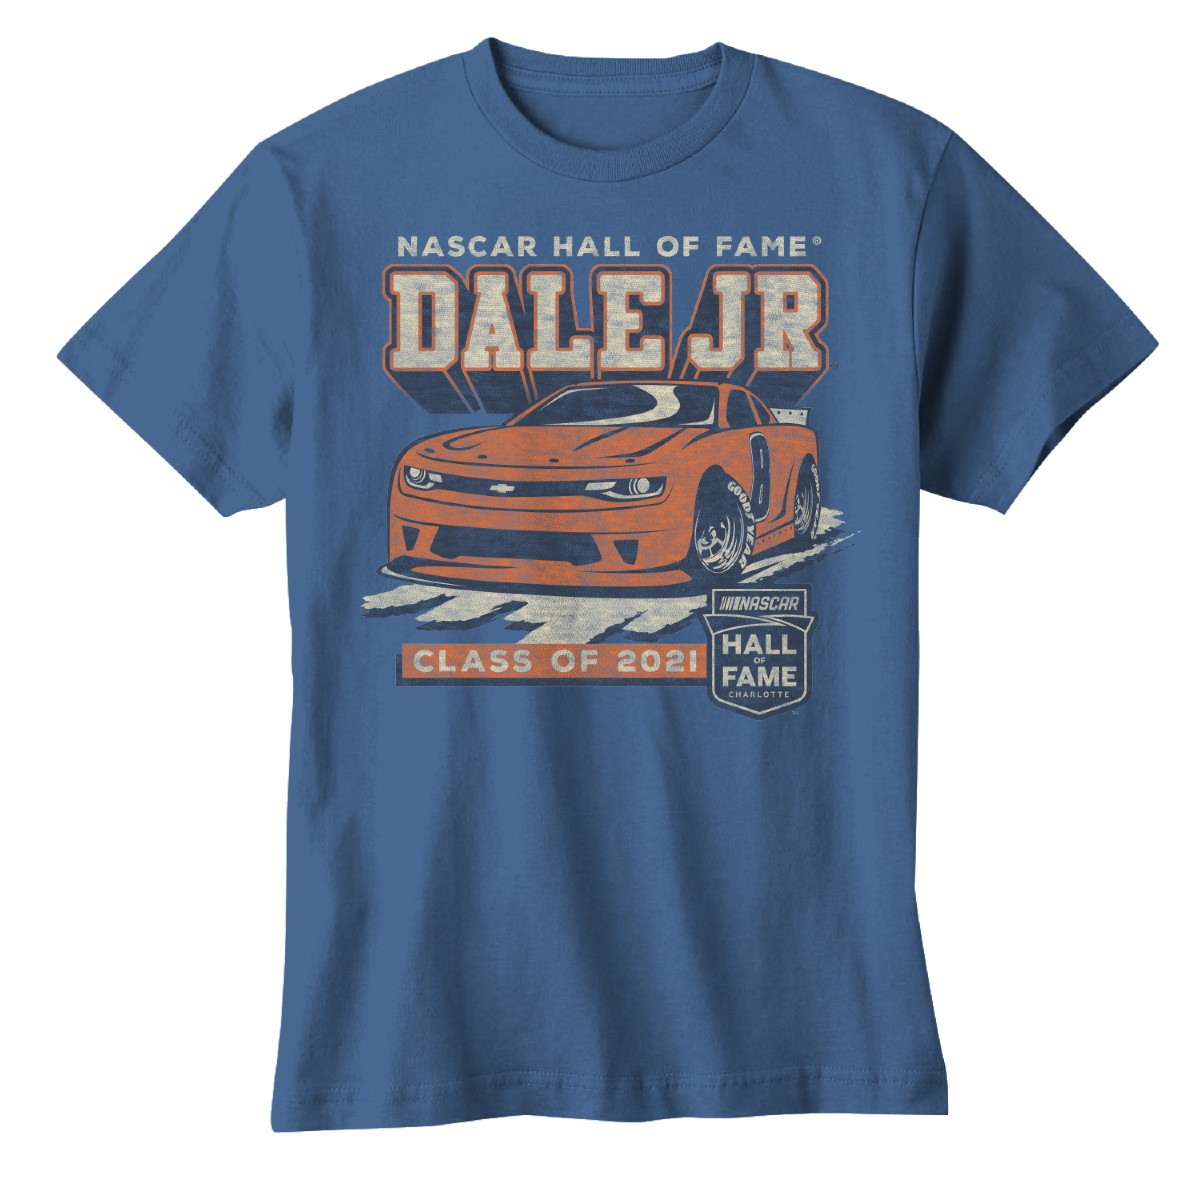 Dale Earnhardt Jr NASCAR Hall of Fame 2021 Youth T-shirt - Blue